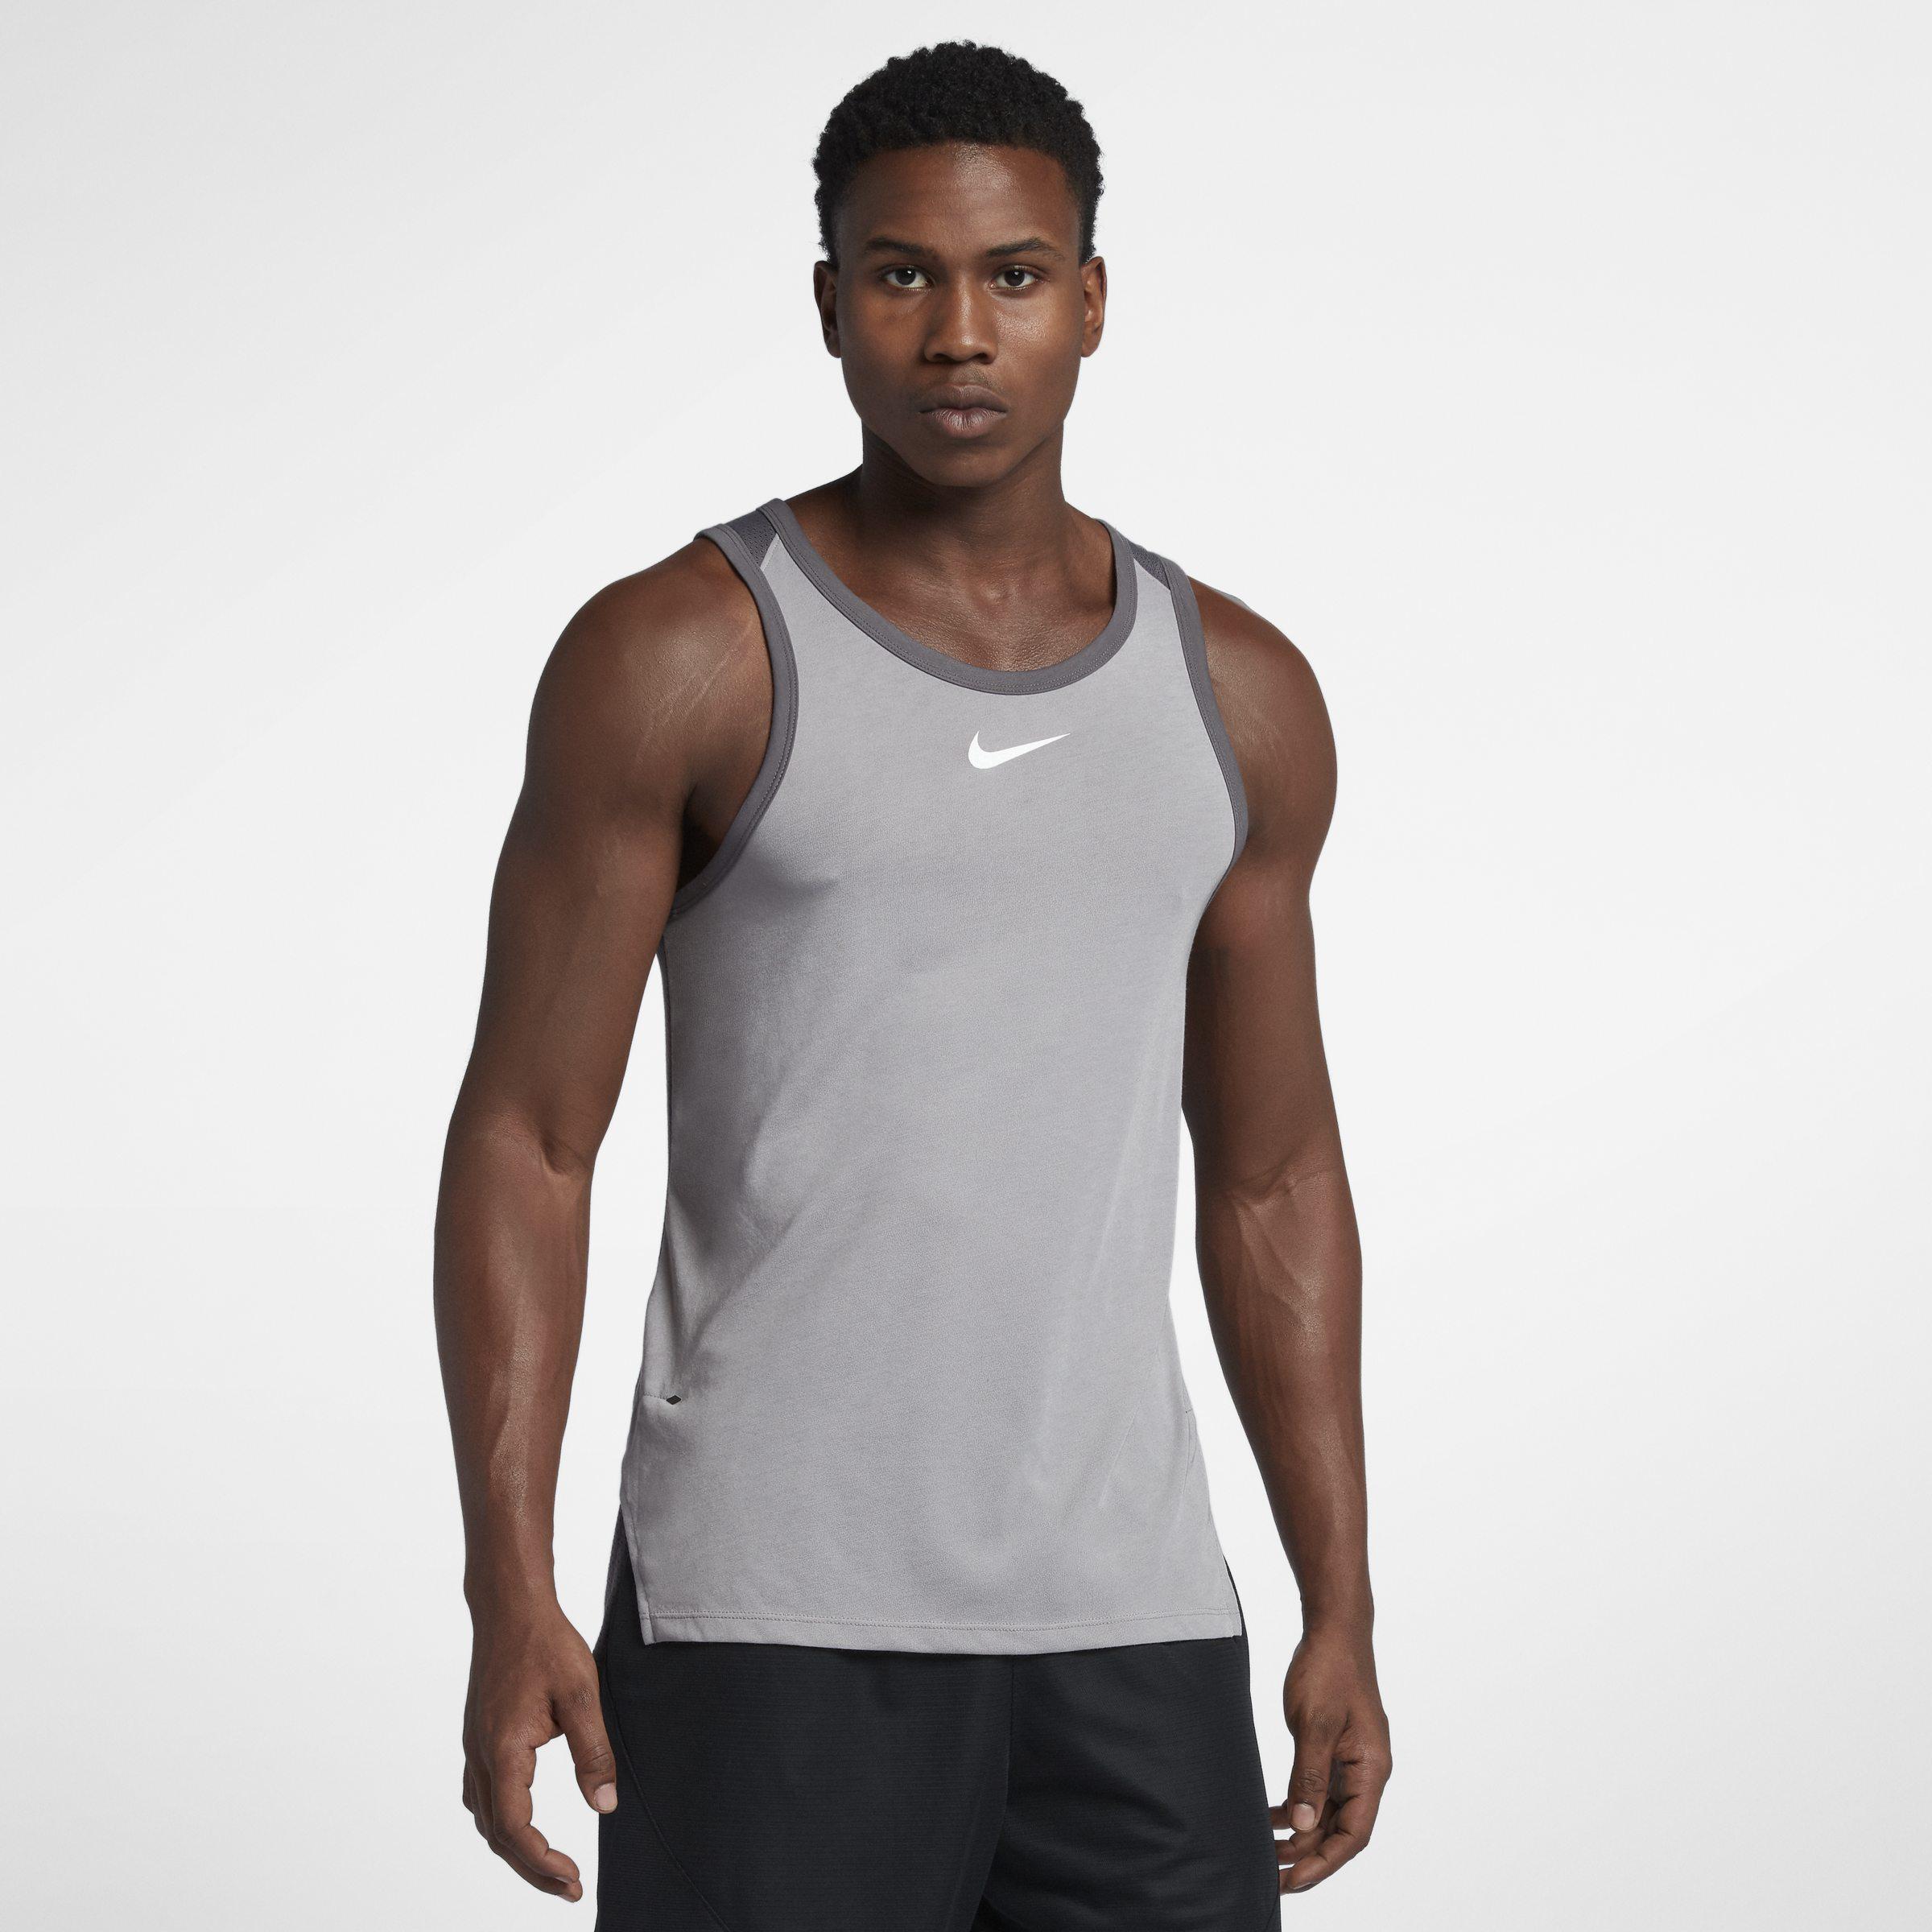 3906ef6b Nike Breathe Elite Sleeveless Basketball Top in Gray for Men - Lyst